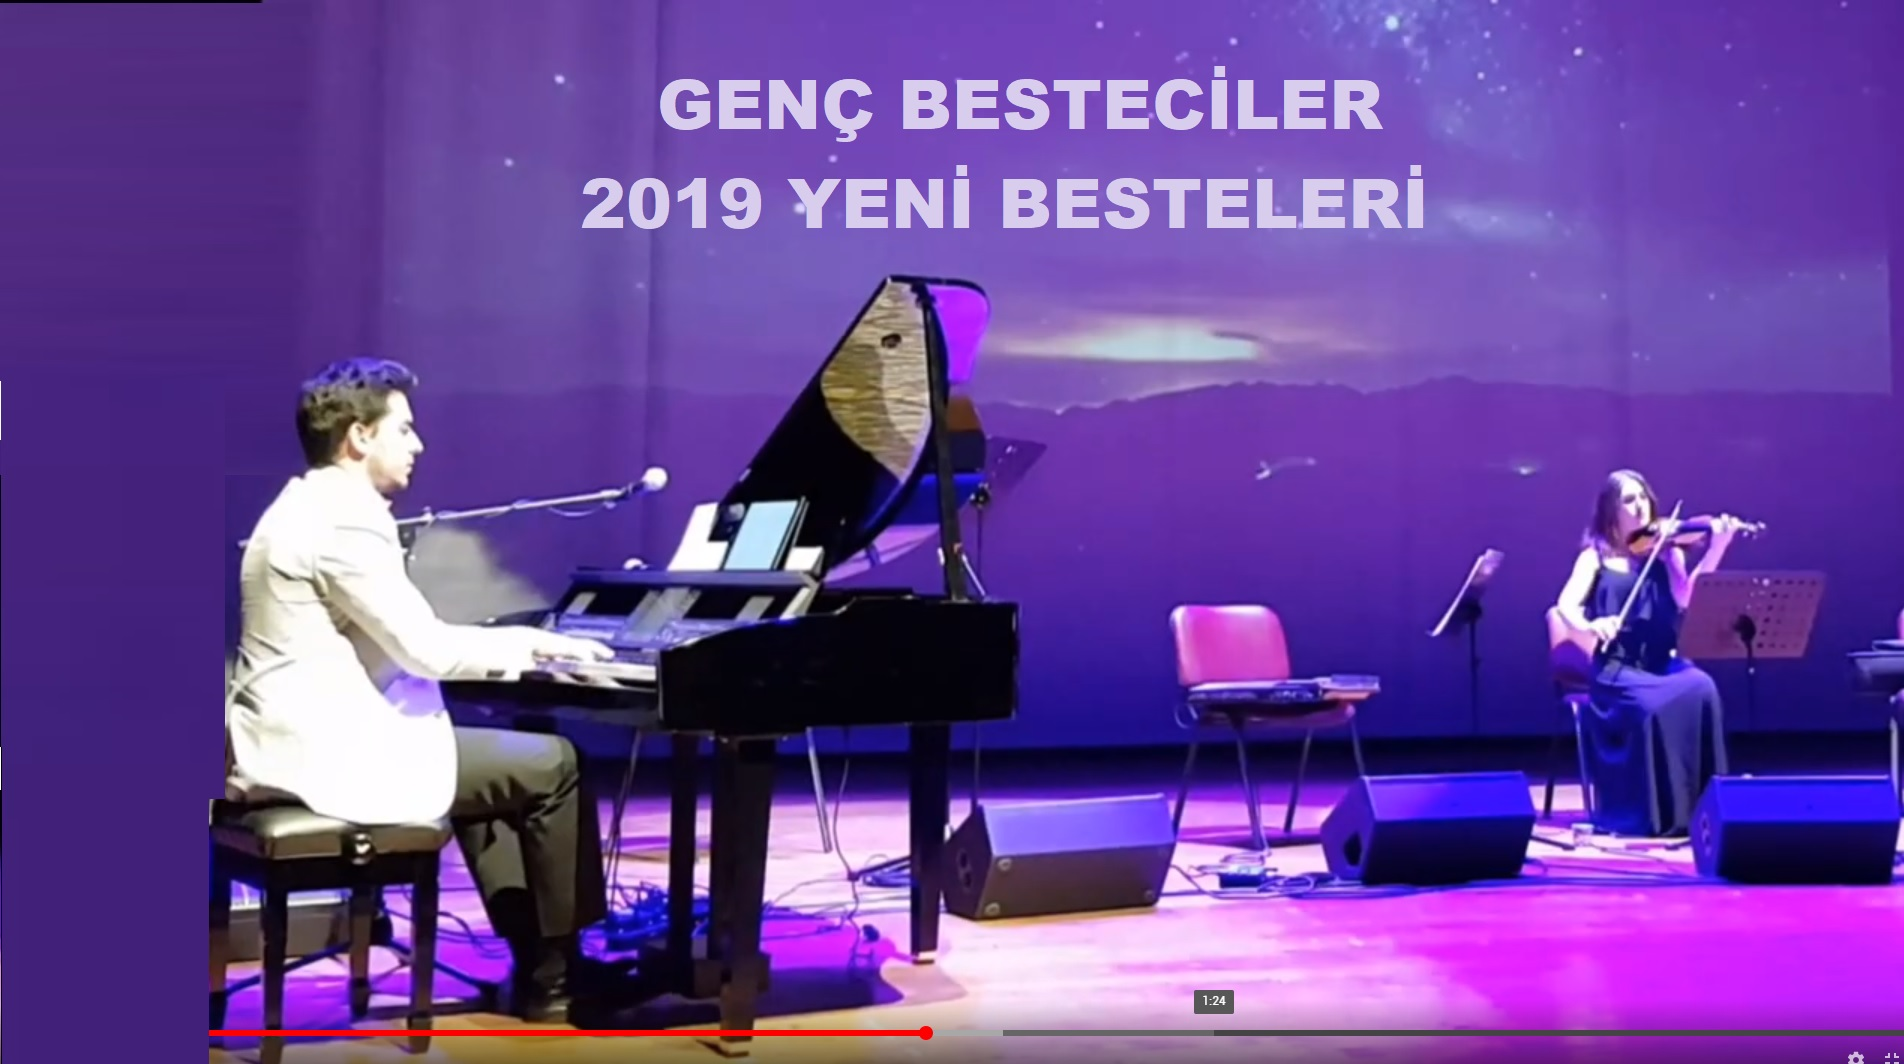 Yeni Klasik Müzik Bestesi GECE KEMAN Ve PİYANO. Nocturne Piano Violin Besteci Güneş Yakartepe 2019 Klasik Batı 2019 En Güzel Yeni Son Amatör Bestesi Eseri 2019 Yeni Beste Nocturn Enstrümantal